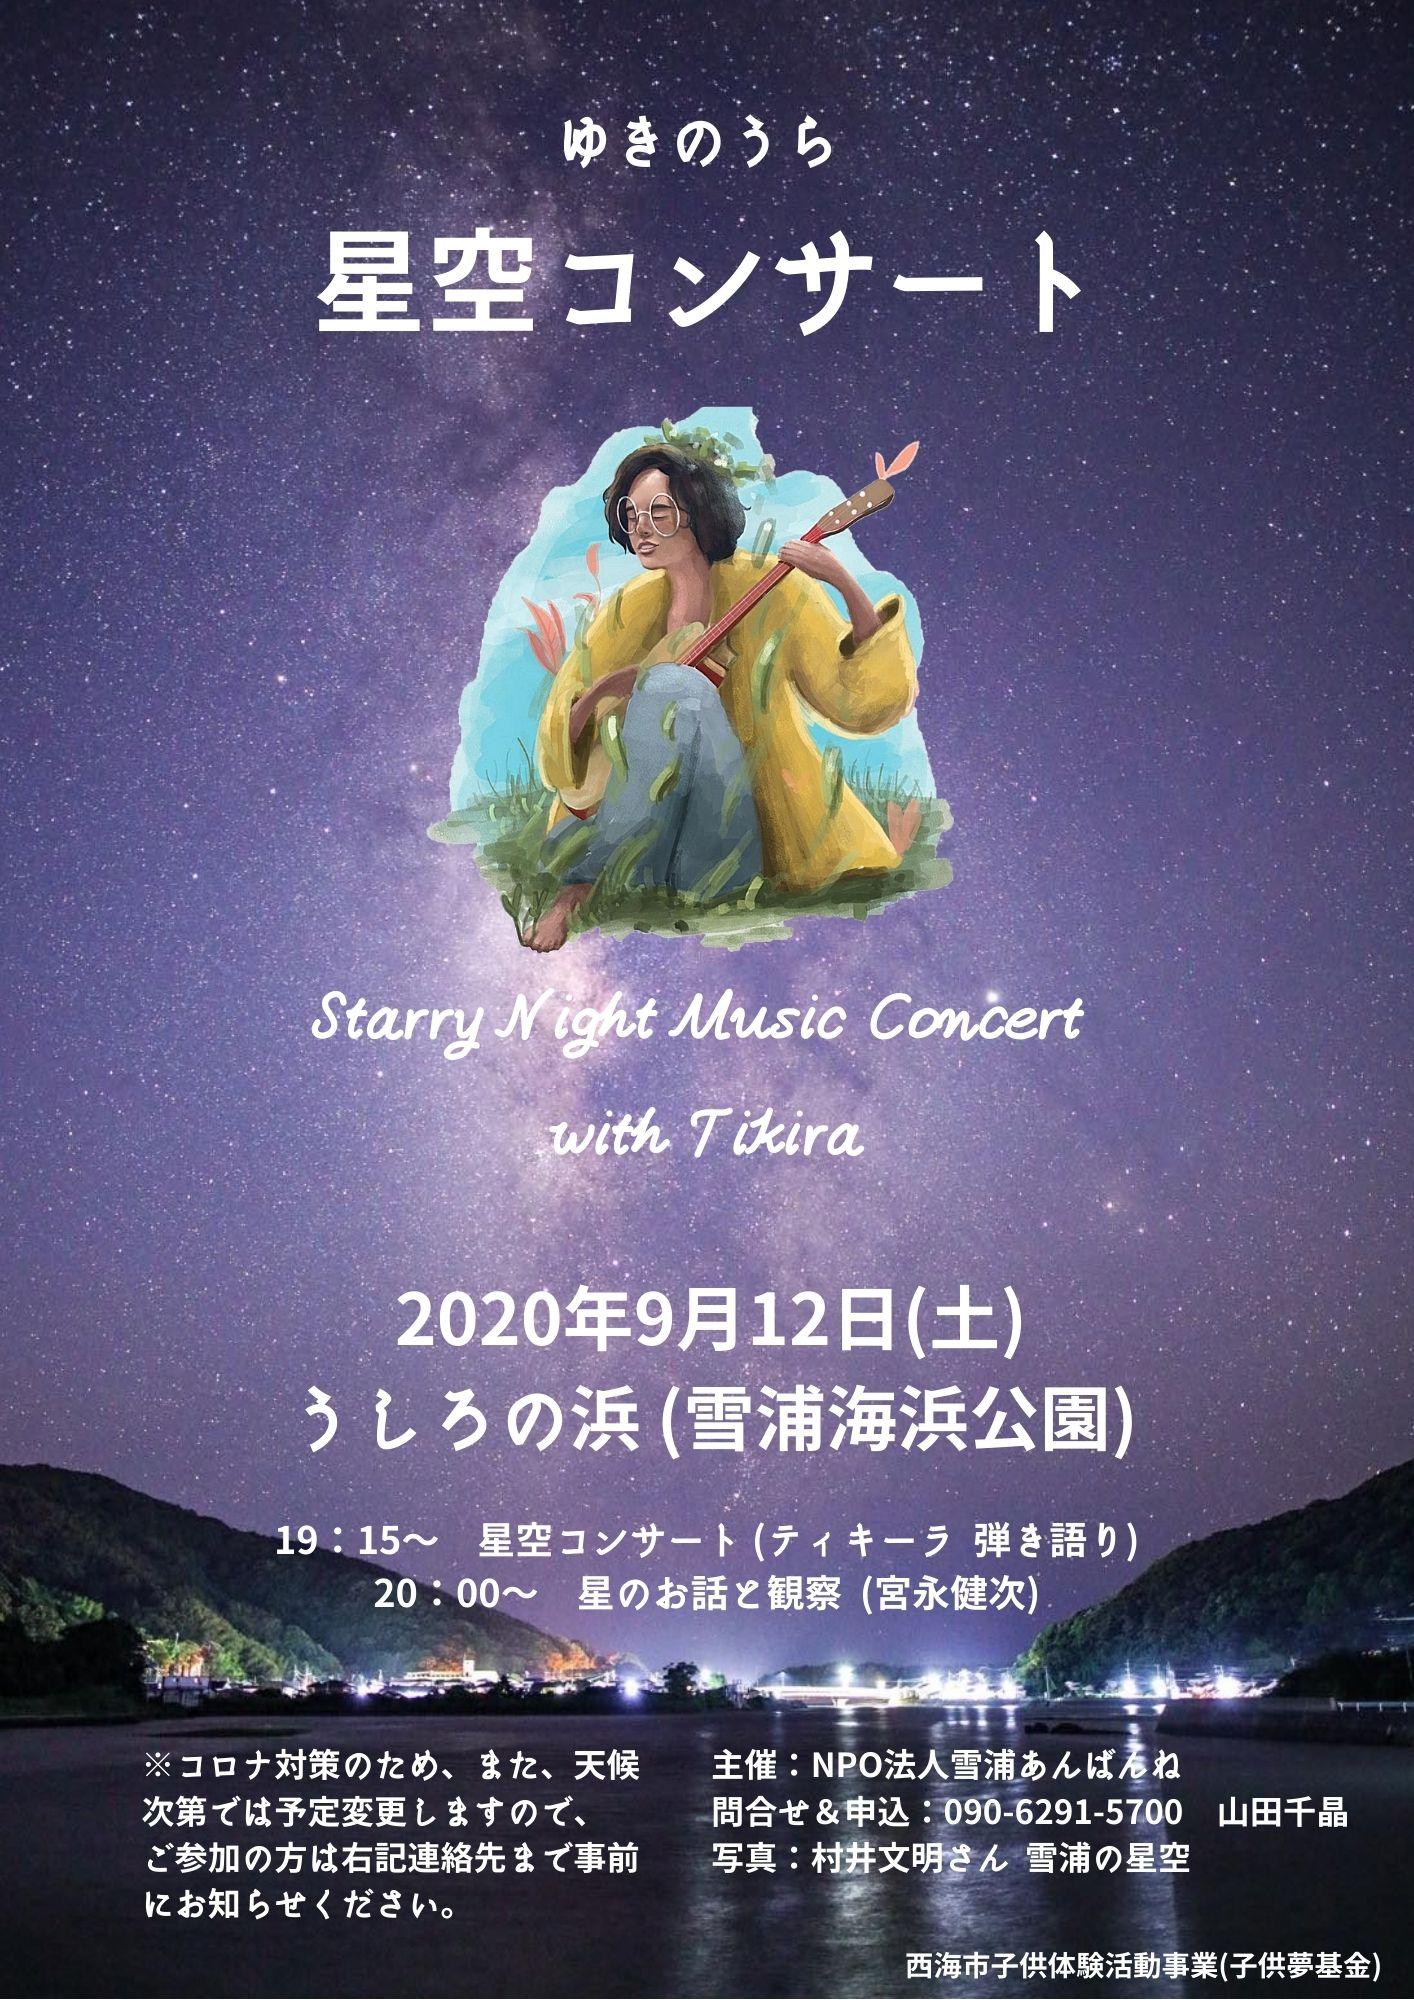 ゆきのうら星空コンサート2 〜 音楽と星空をあなたに・・・♡